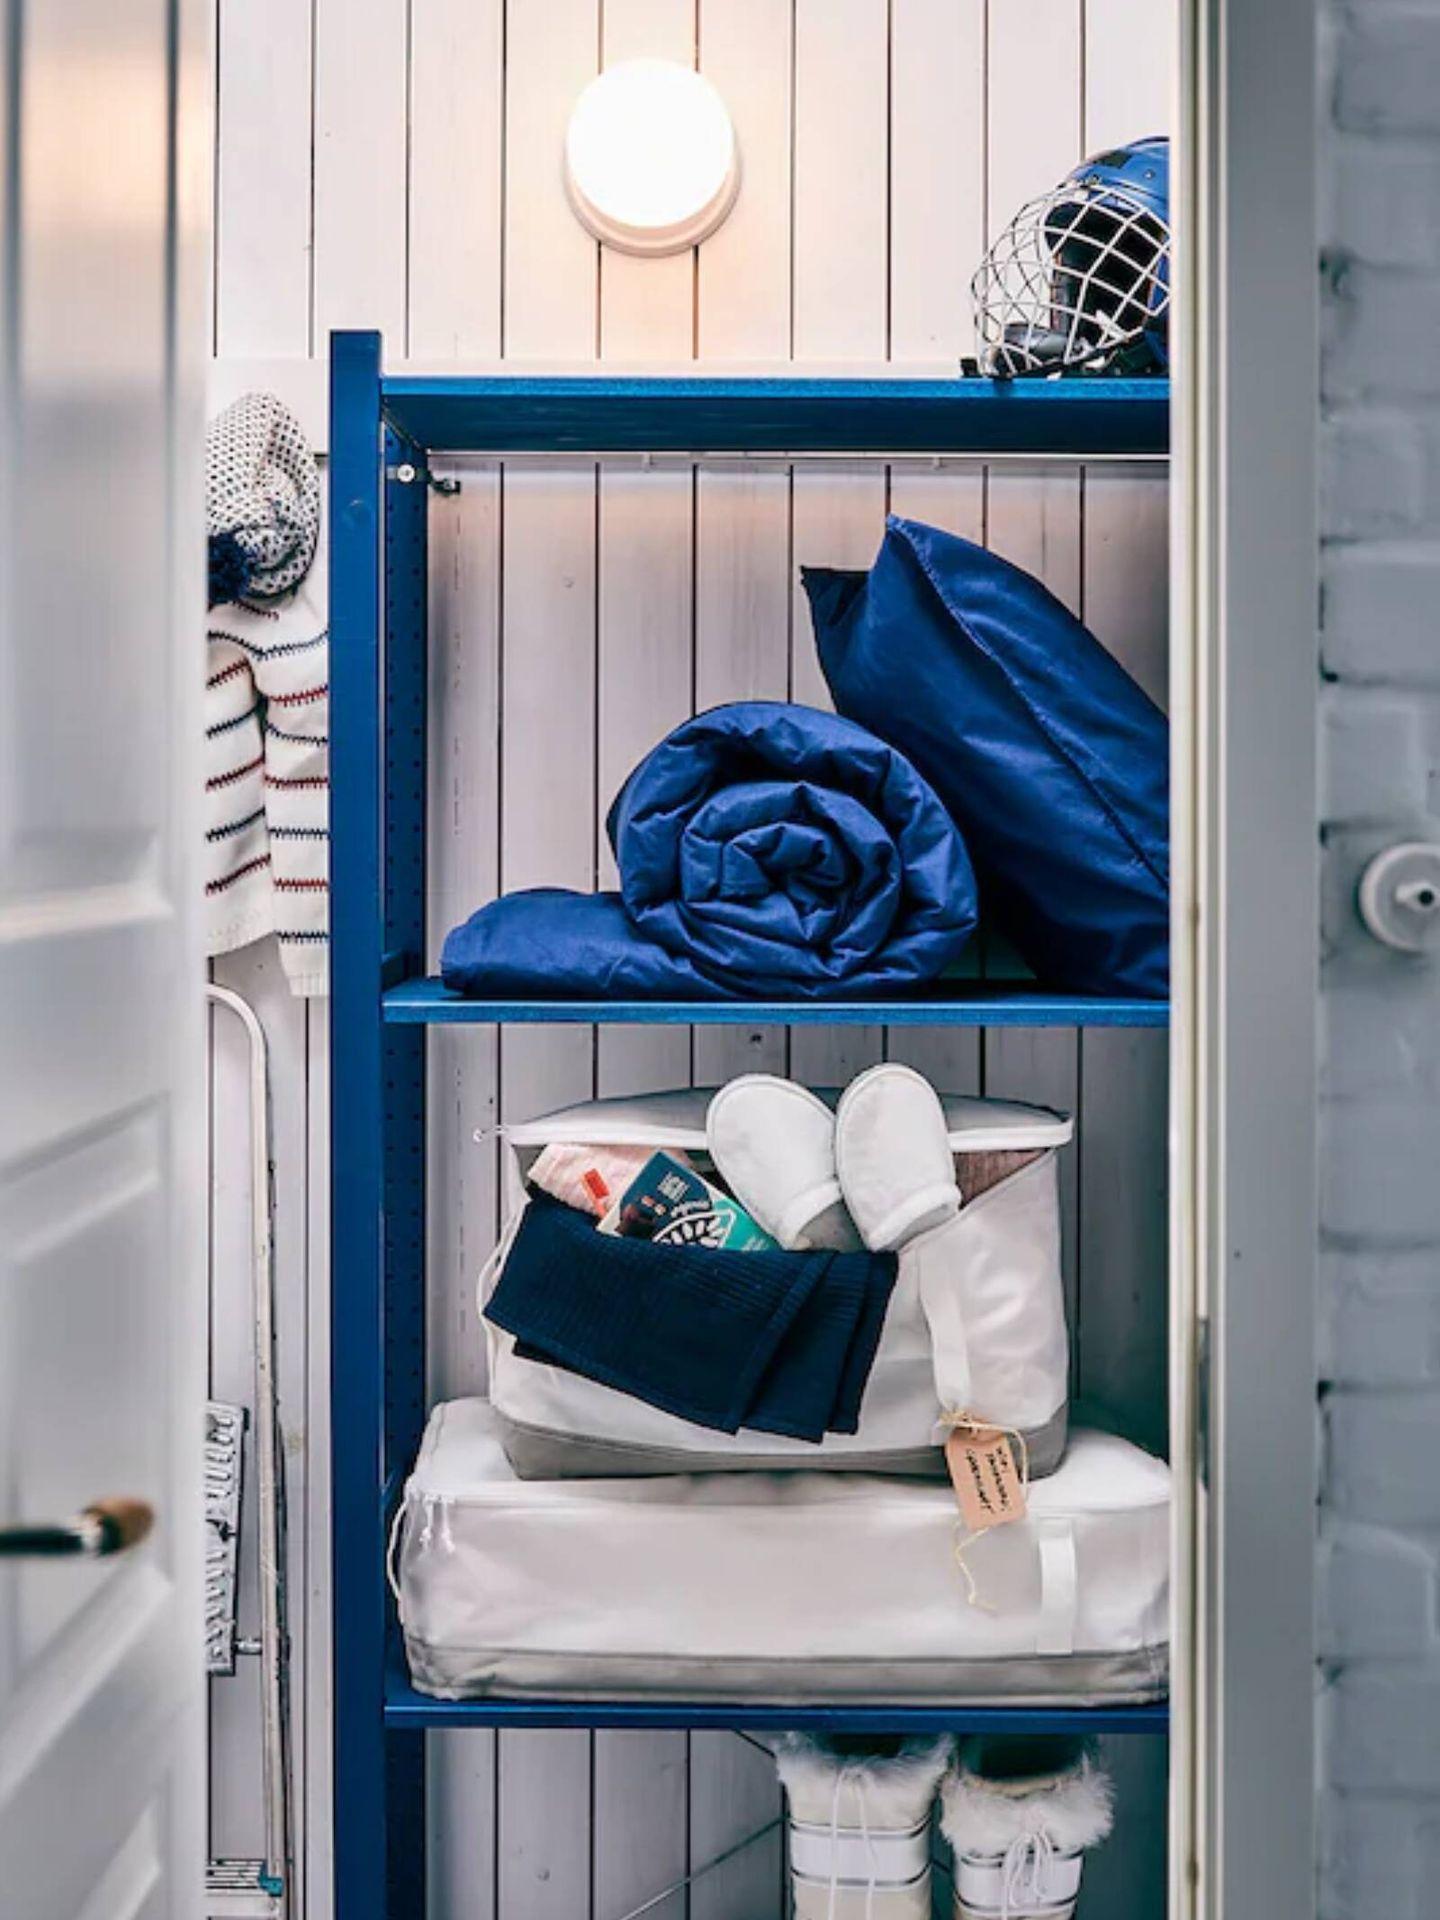 Así nació y así puedes renovar la estantería superventas de Ikea. (Cortesía)